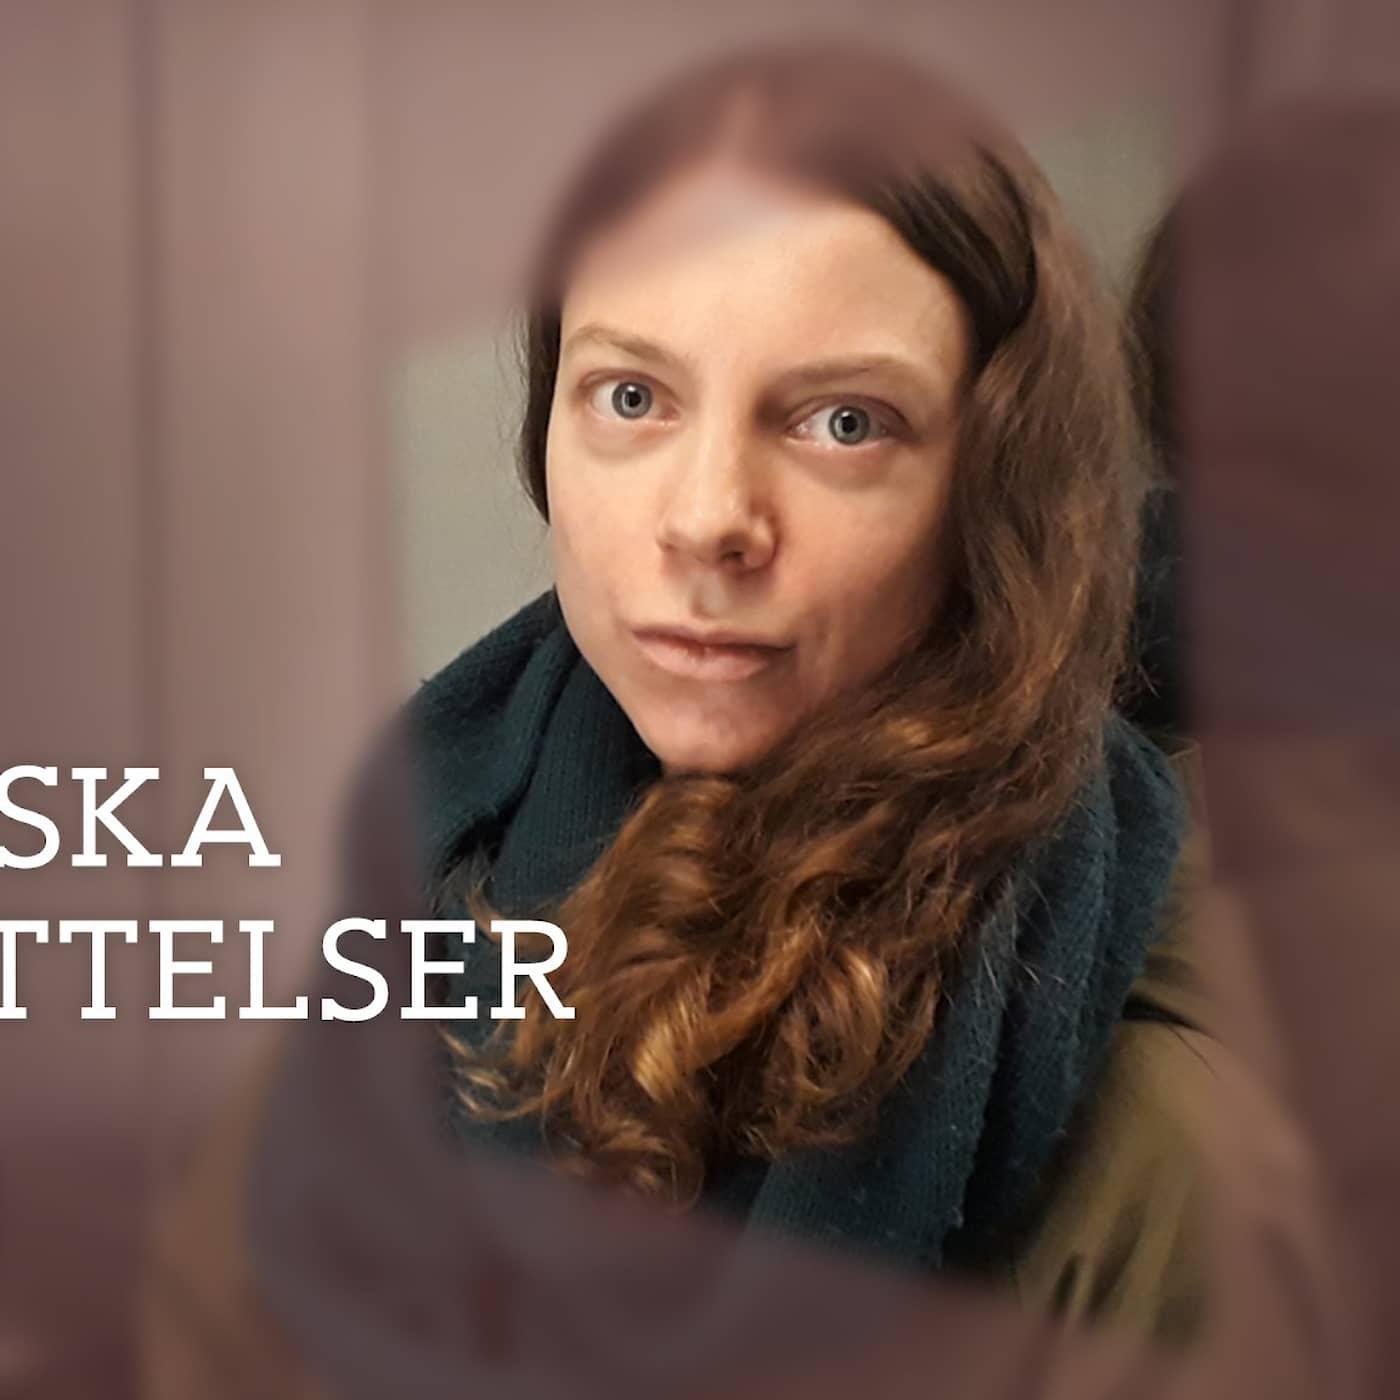 Svenska berättelser på scen - Svält och pelargoner av Anna Nygren